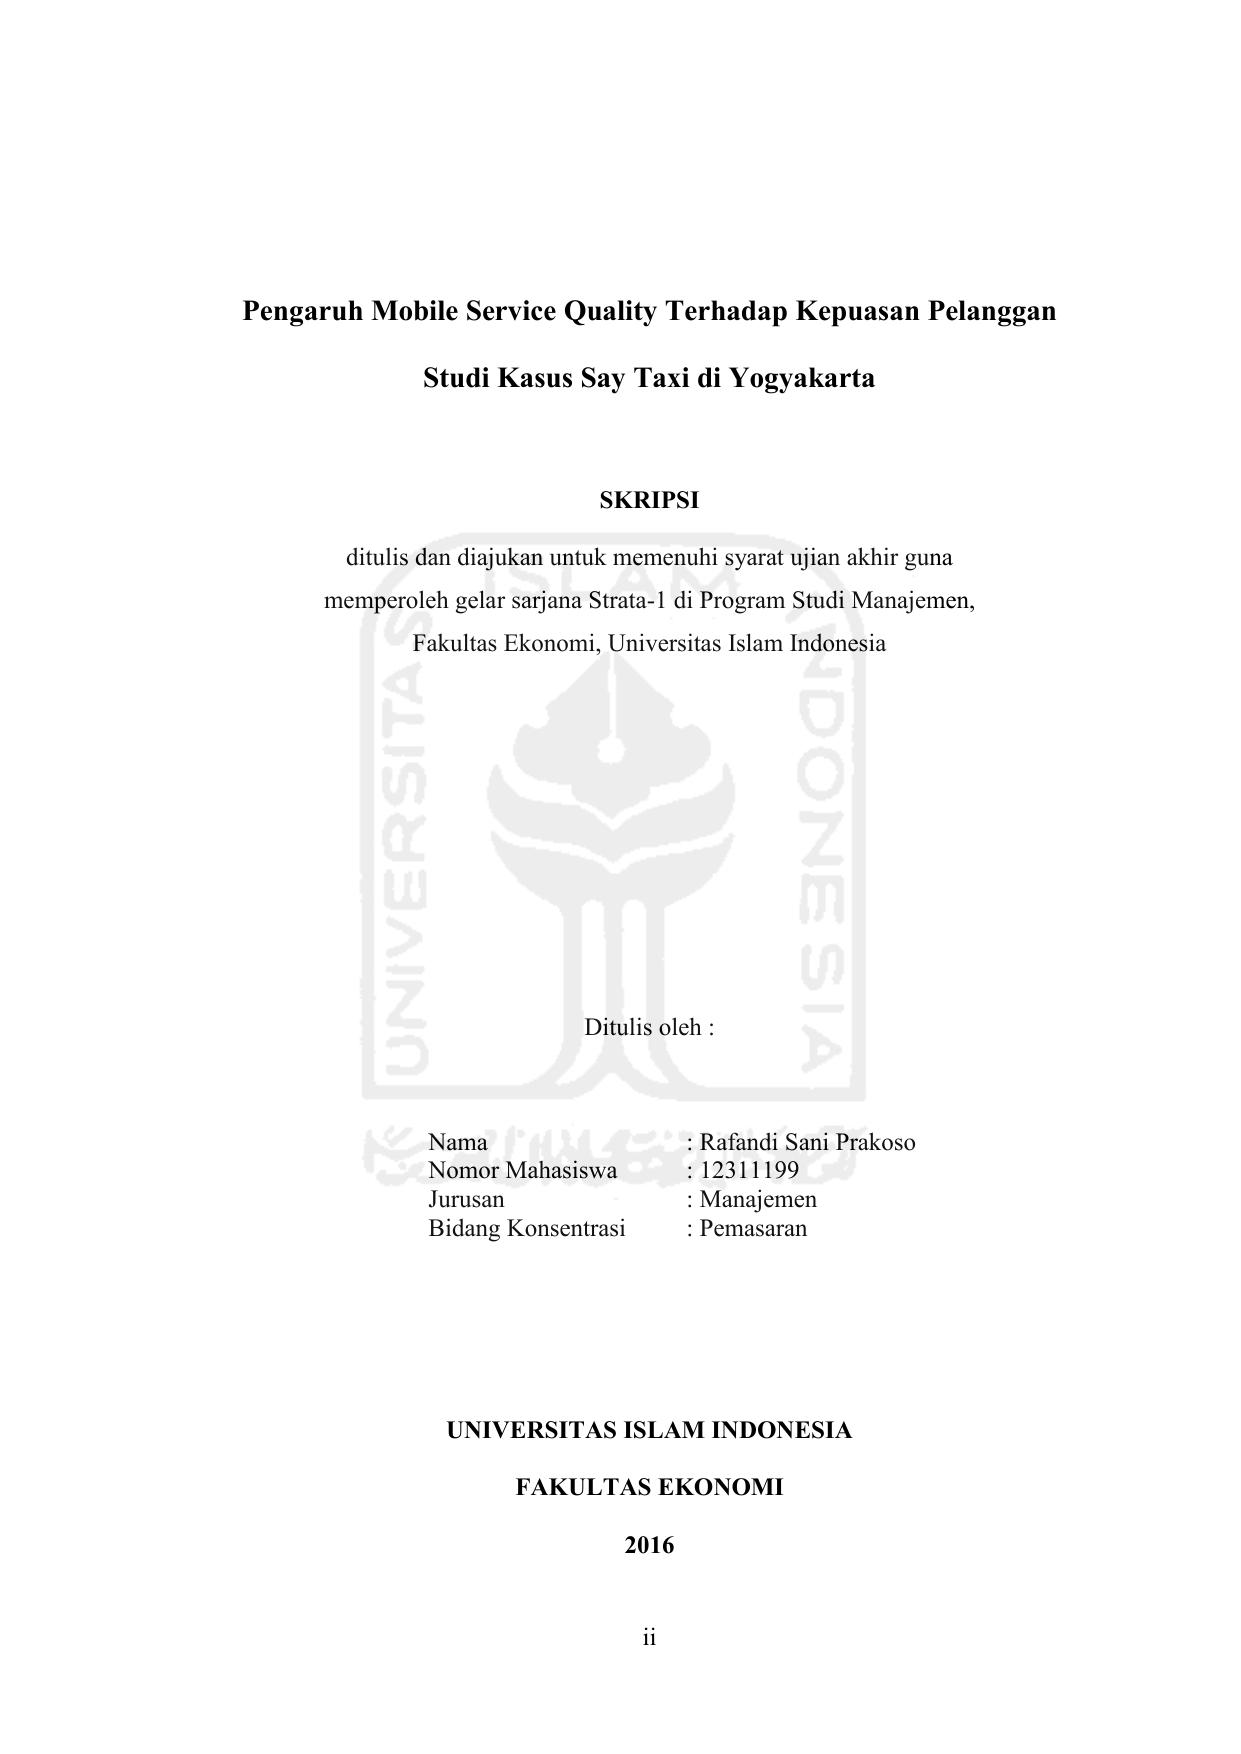 Pengaruh Mobile Service Quality Terhadap Kepuasan Pelanggan